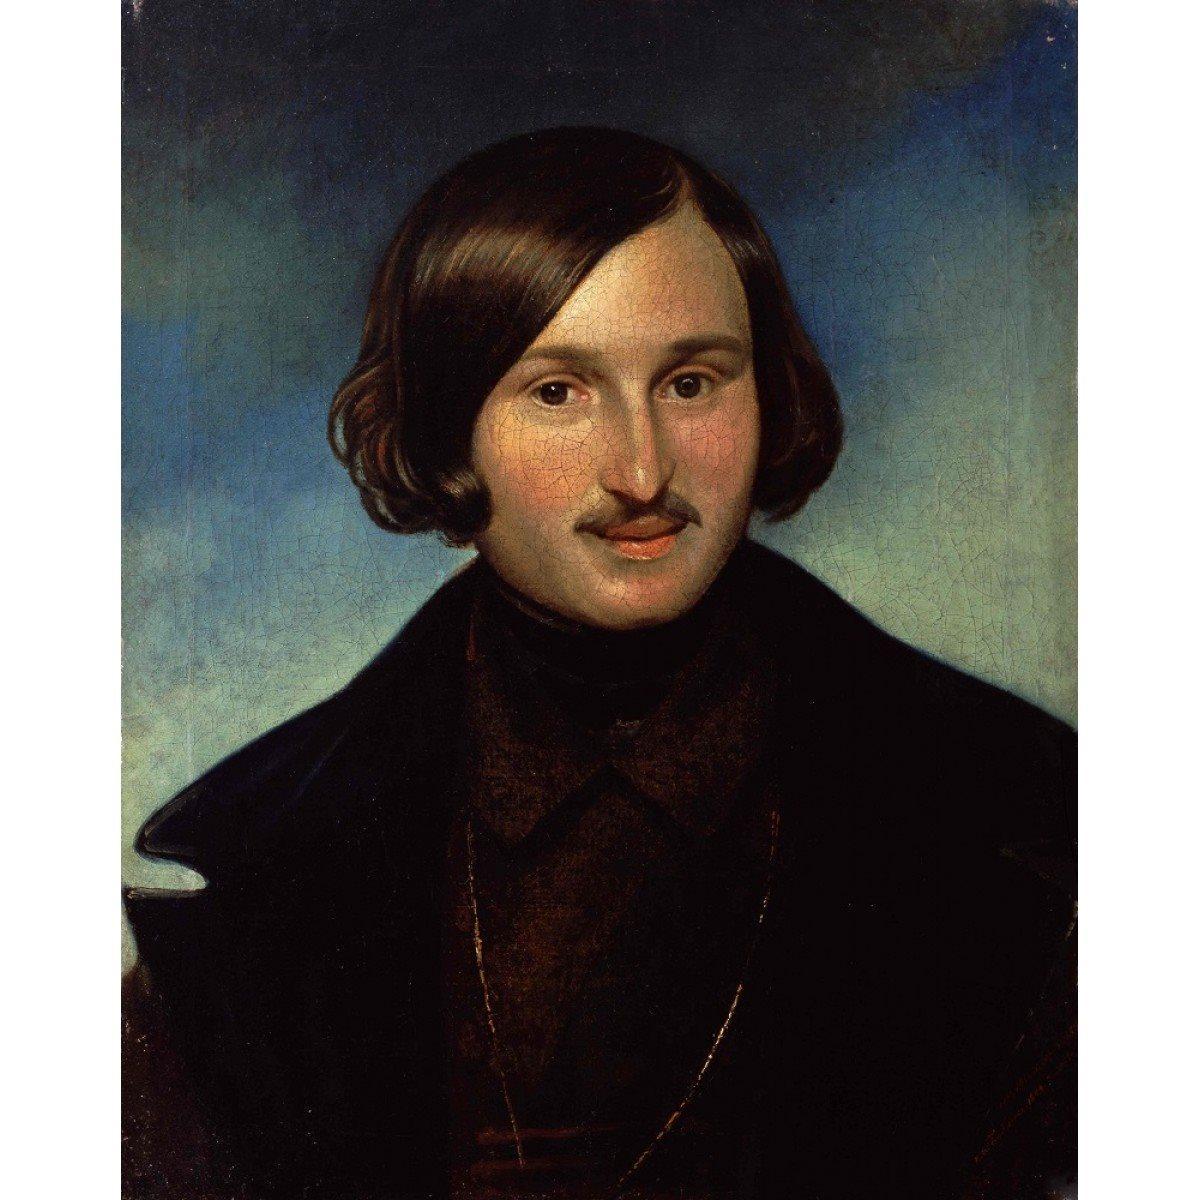 Широко известный портрет Гоголя кисти Моллера, находящийся в Государственной Третьяковской галерее, является авторской копией портрета, написанного для матери писателя.